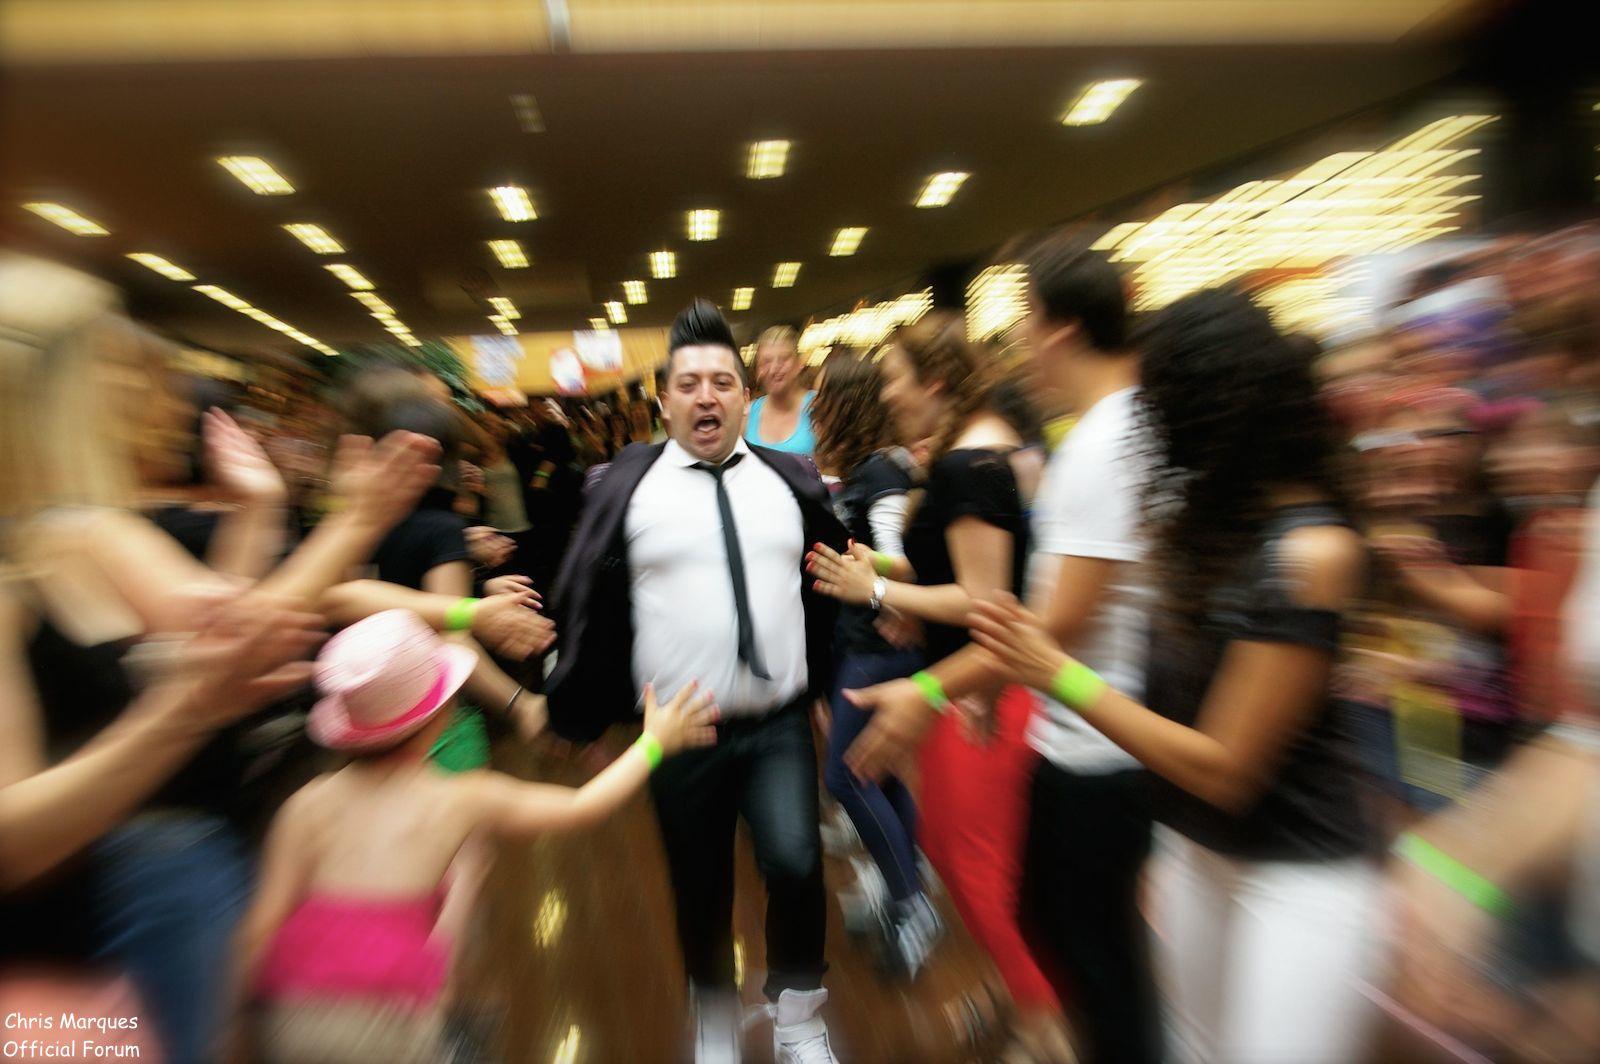 [14.06.2014] Evénement à #Colmar Chris Marques et Jaclyn Spencer pour un Flashmob/Cours de Danse/Dédicaces exceptionnels le tout organisé par la MJC de Colmar 912